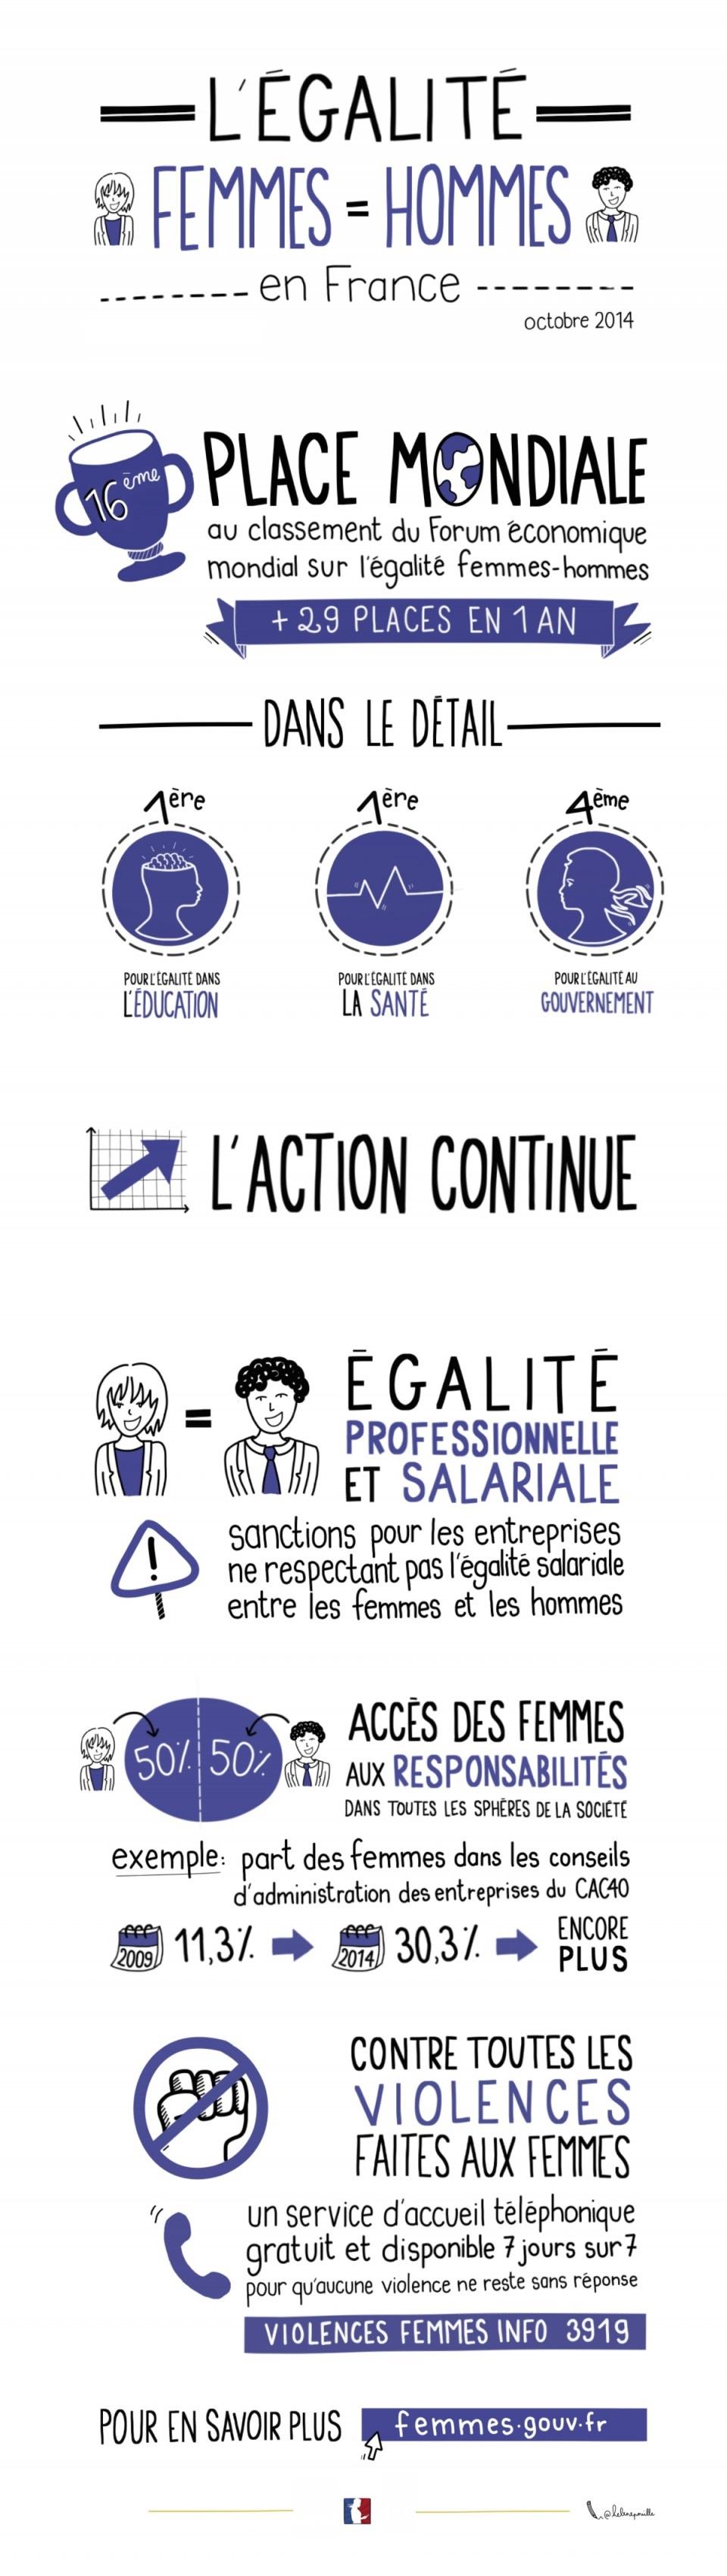 Infographie sur l'égalité entre les femmes et les hommes en France - voir en plus grand